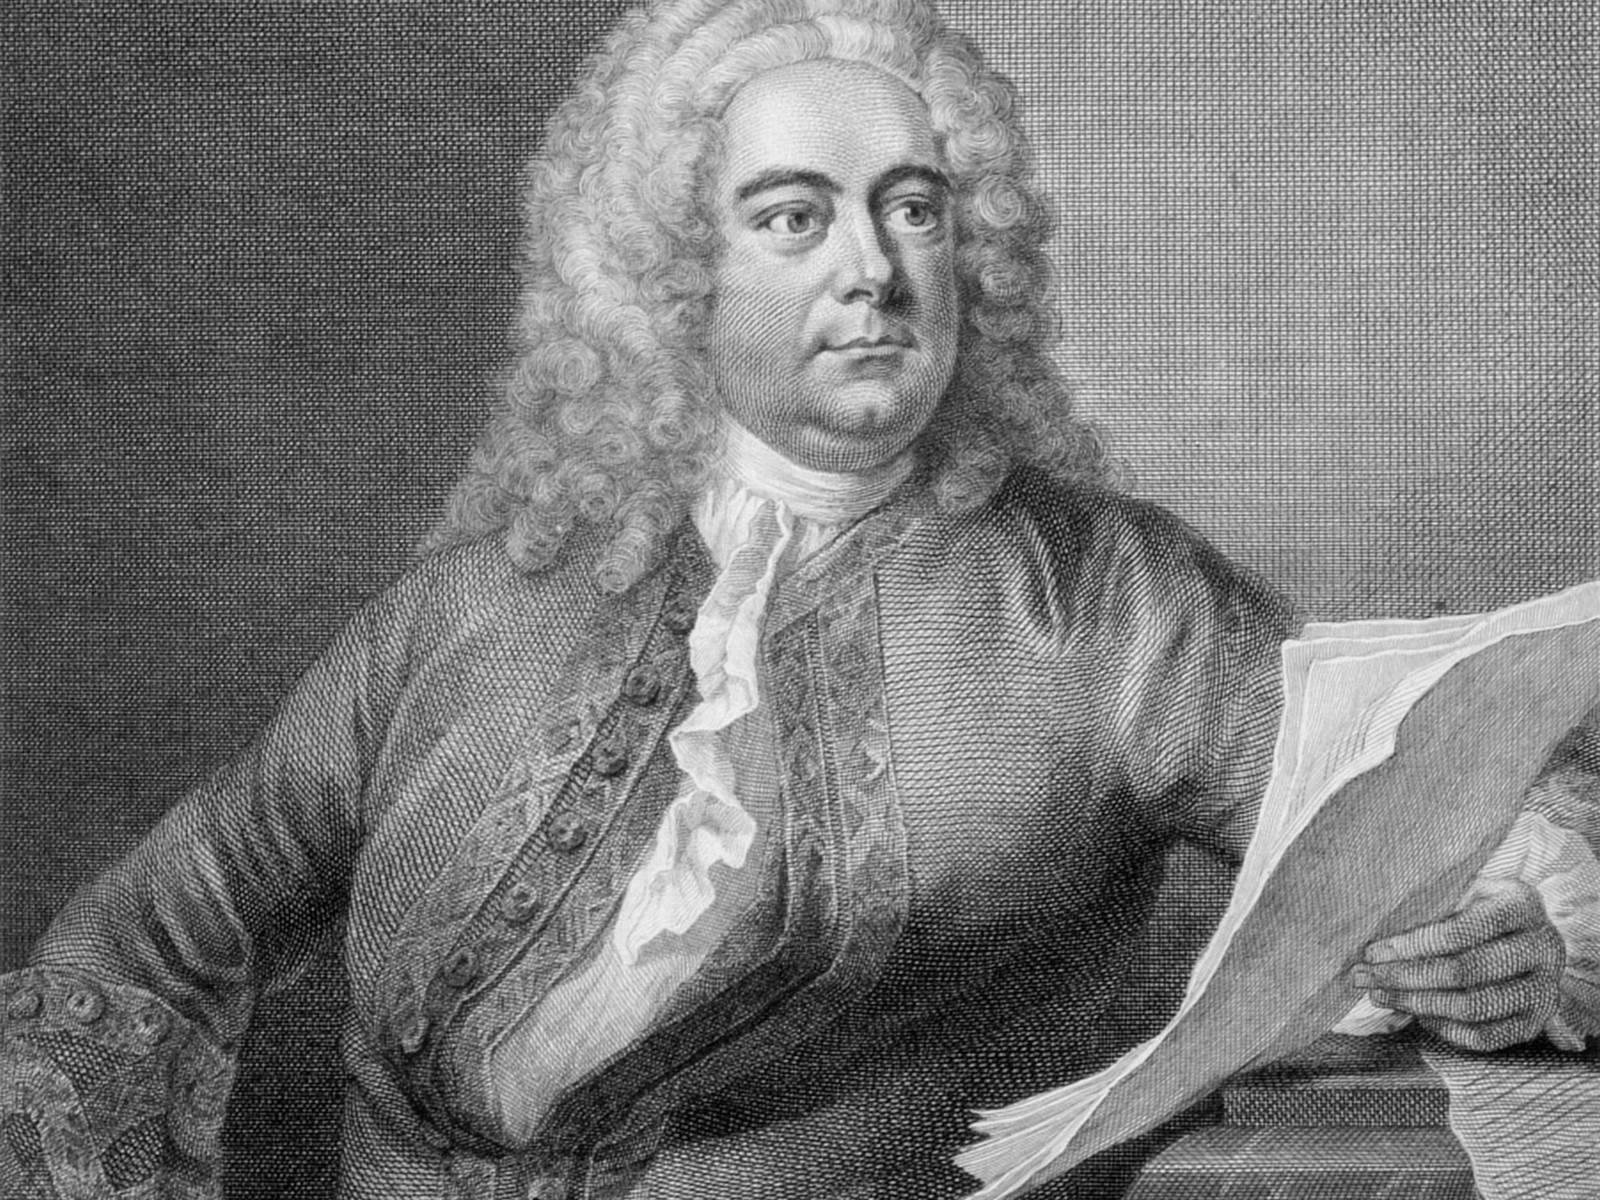 Grafik in Kupferstichtechnik: Der Komponist mit Lockenperücke hält Notenblätter in der Hand